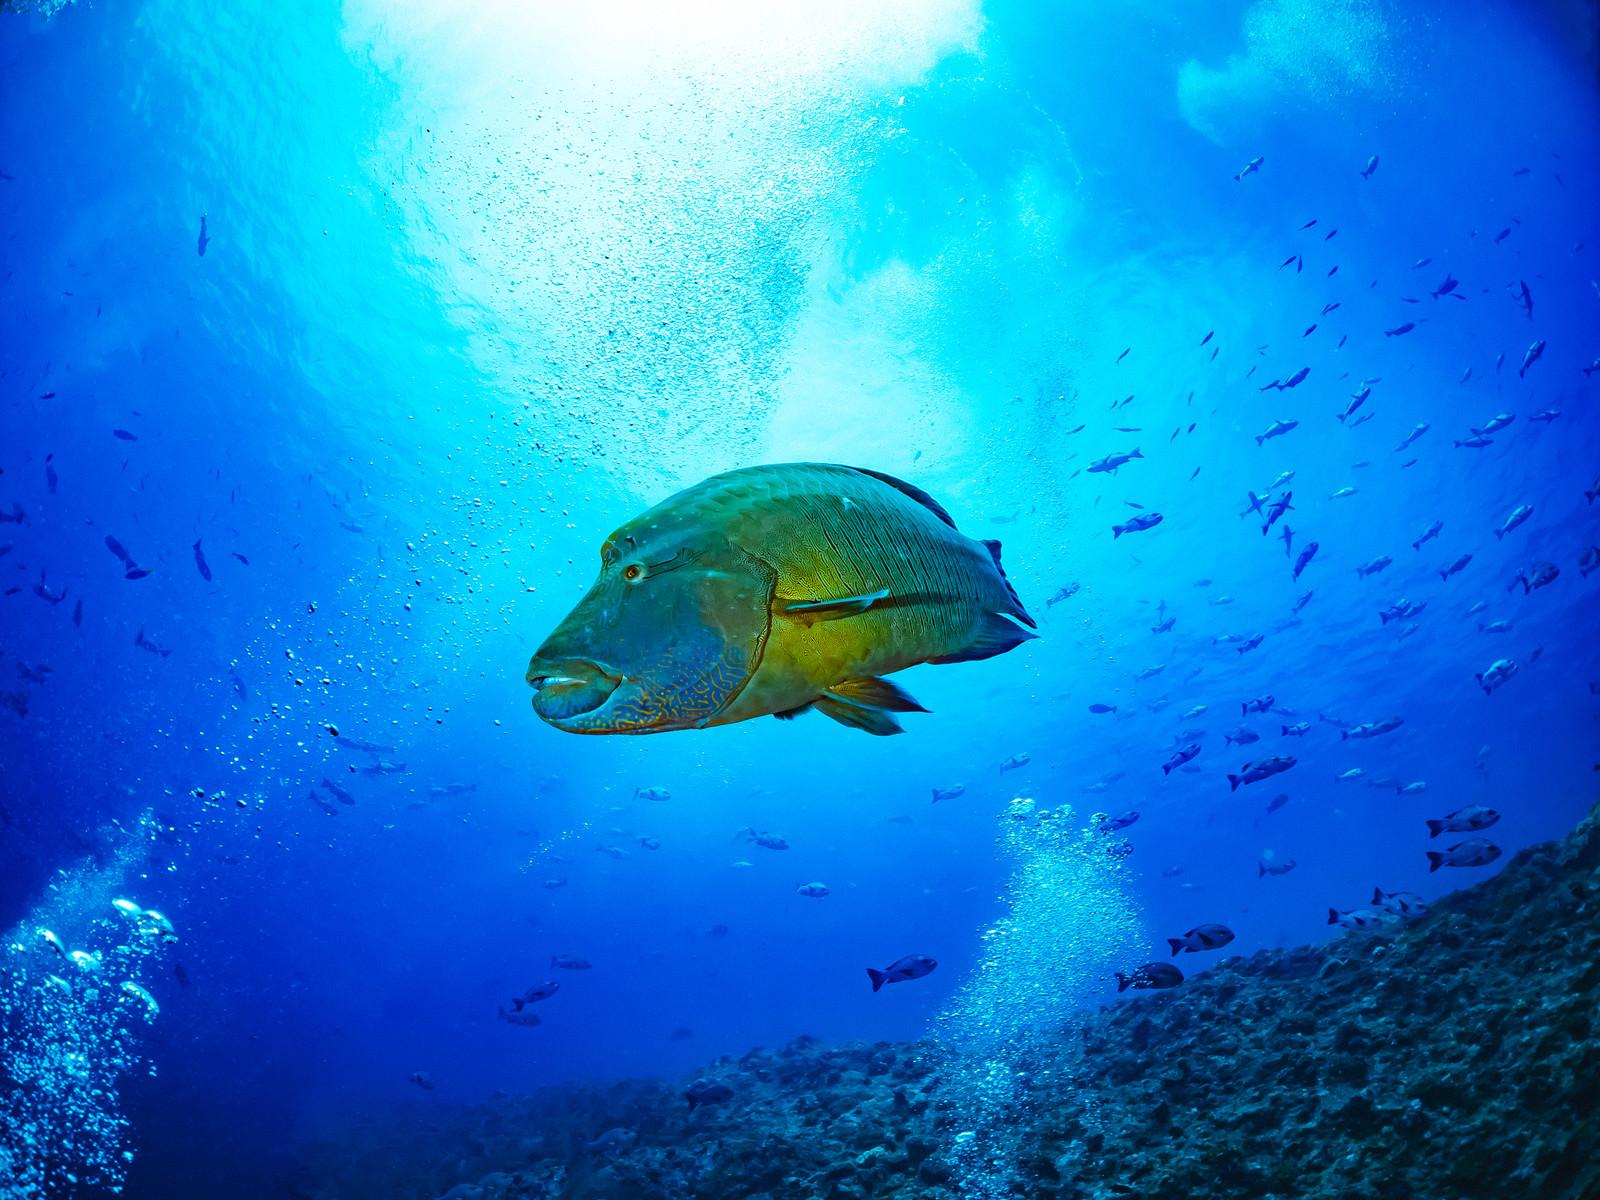 「優雅に泳ぐナポレオンフィッシュ(メガネモチノウオ)」の写真